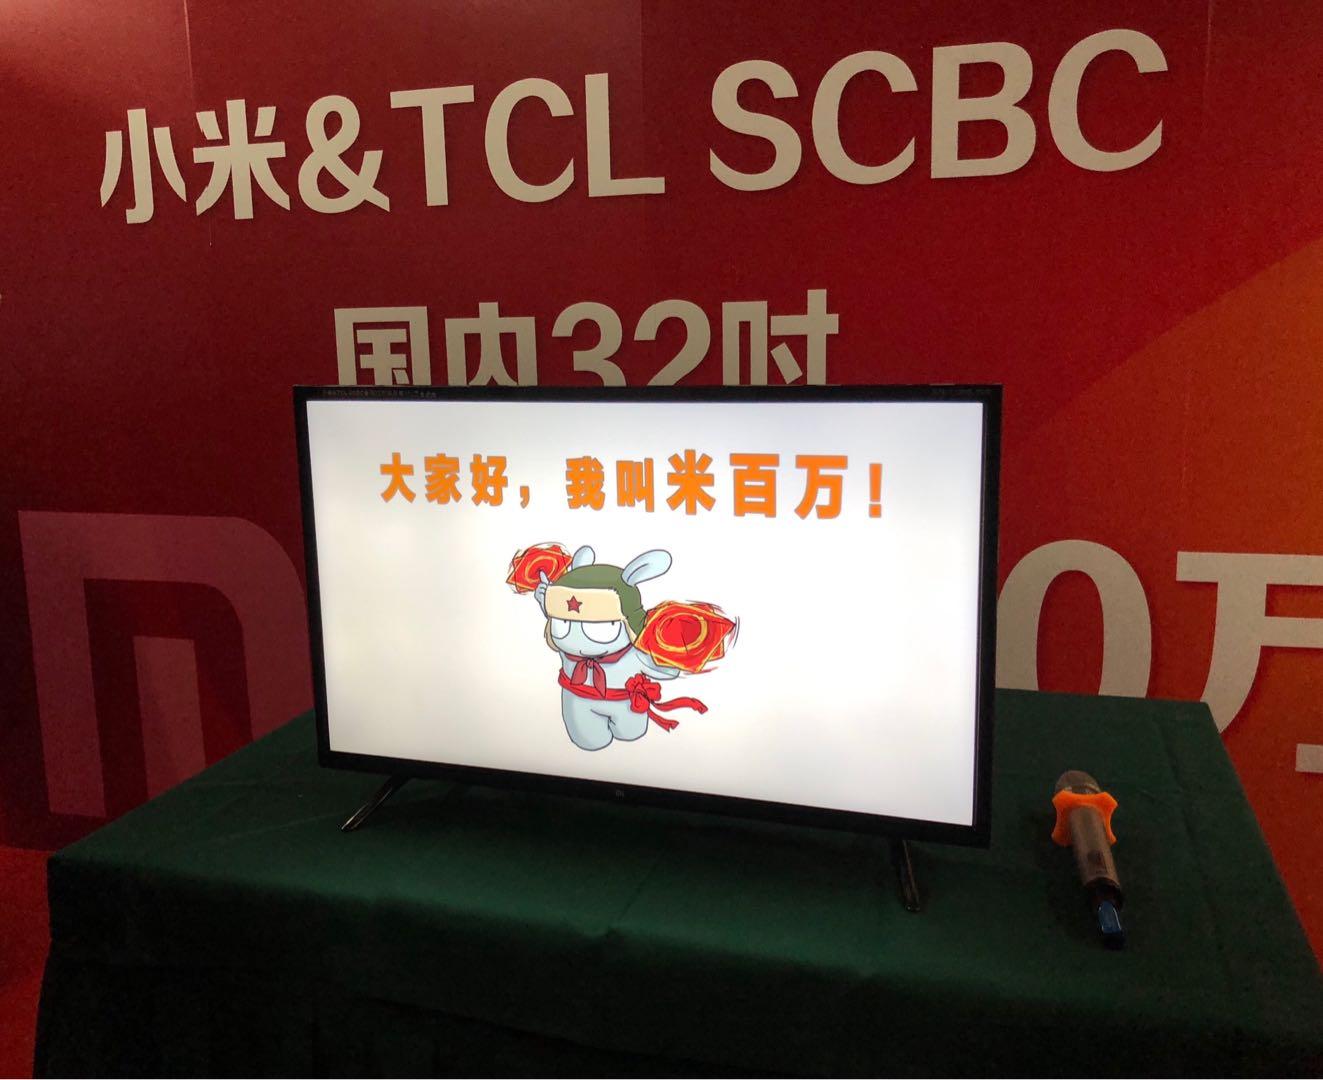 小米TCL联姻,雷军规划未来的一步大棋?